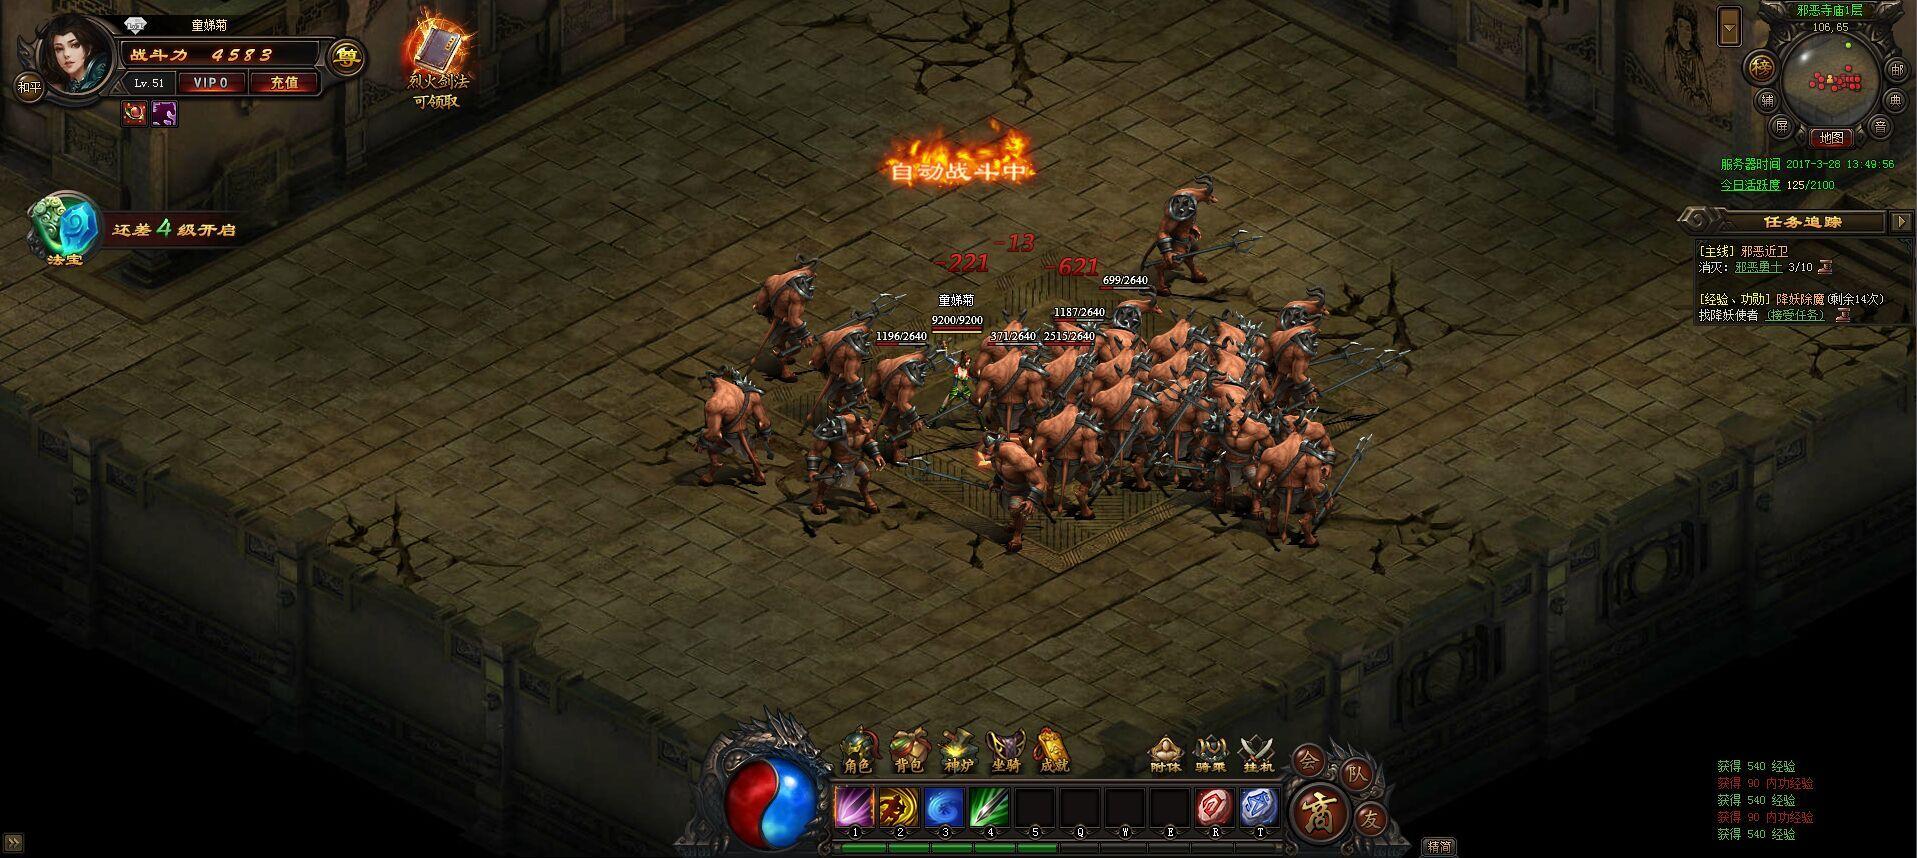 血染沙城游戏截图1